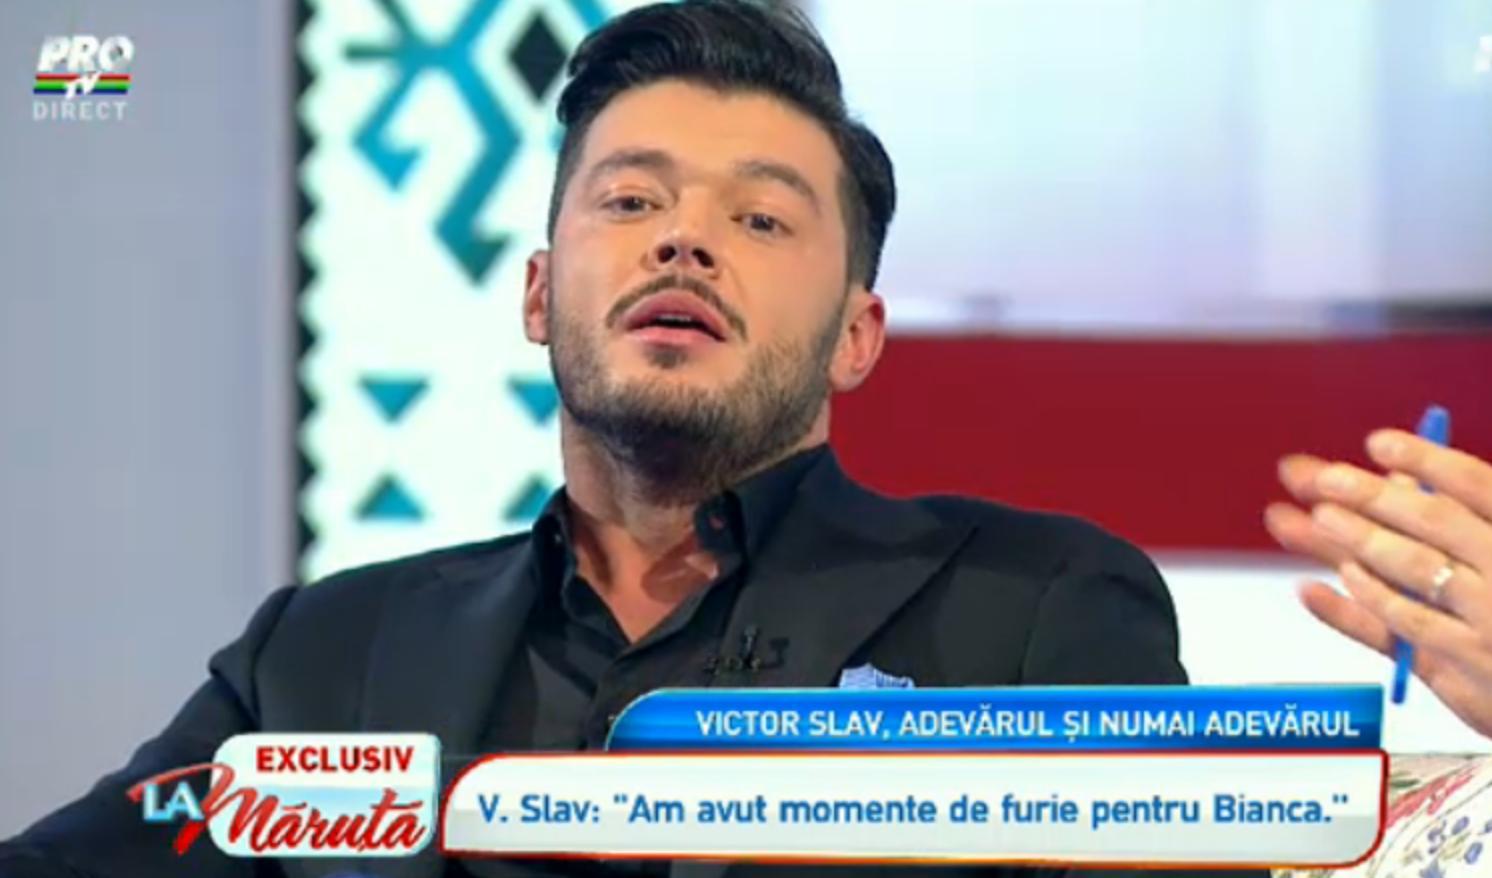 Dezvaluirile lui Victor Slav in platoul emisiunii